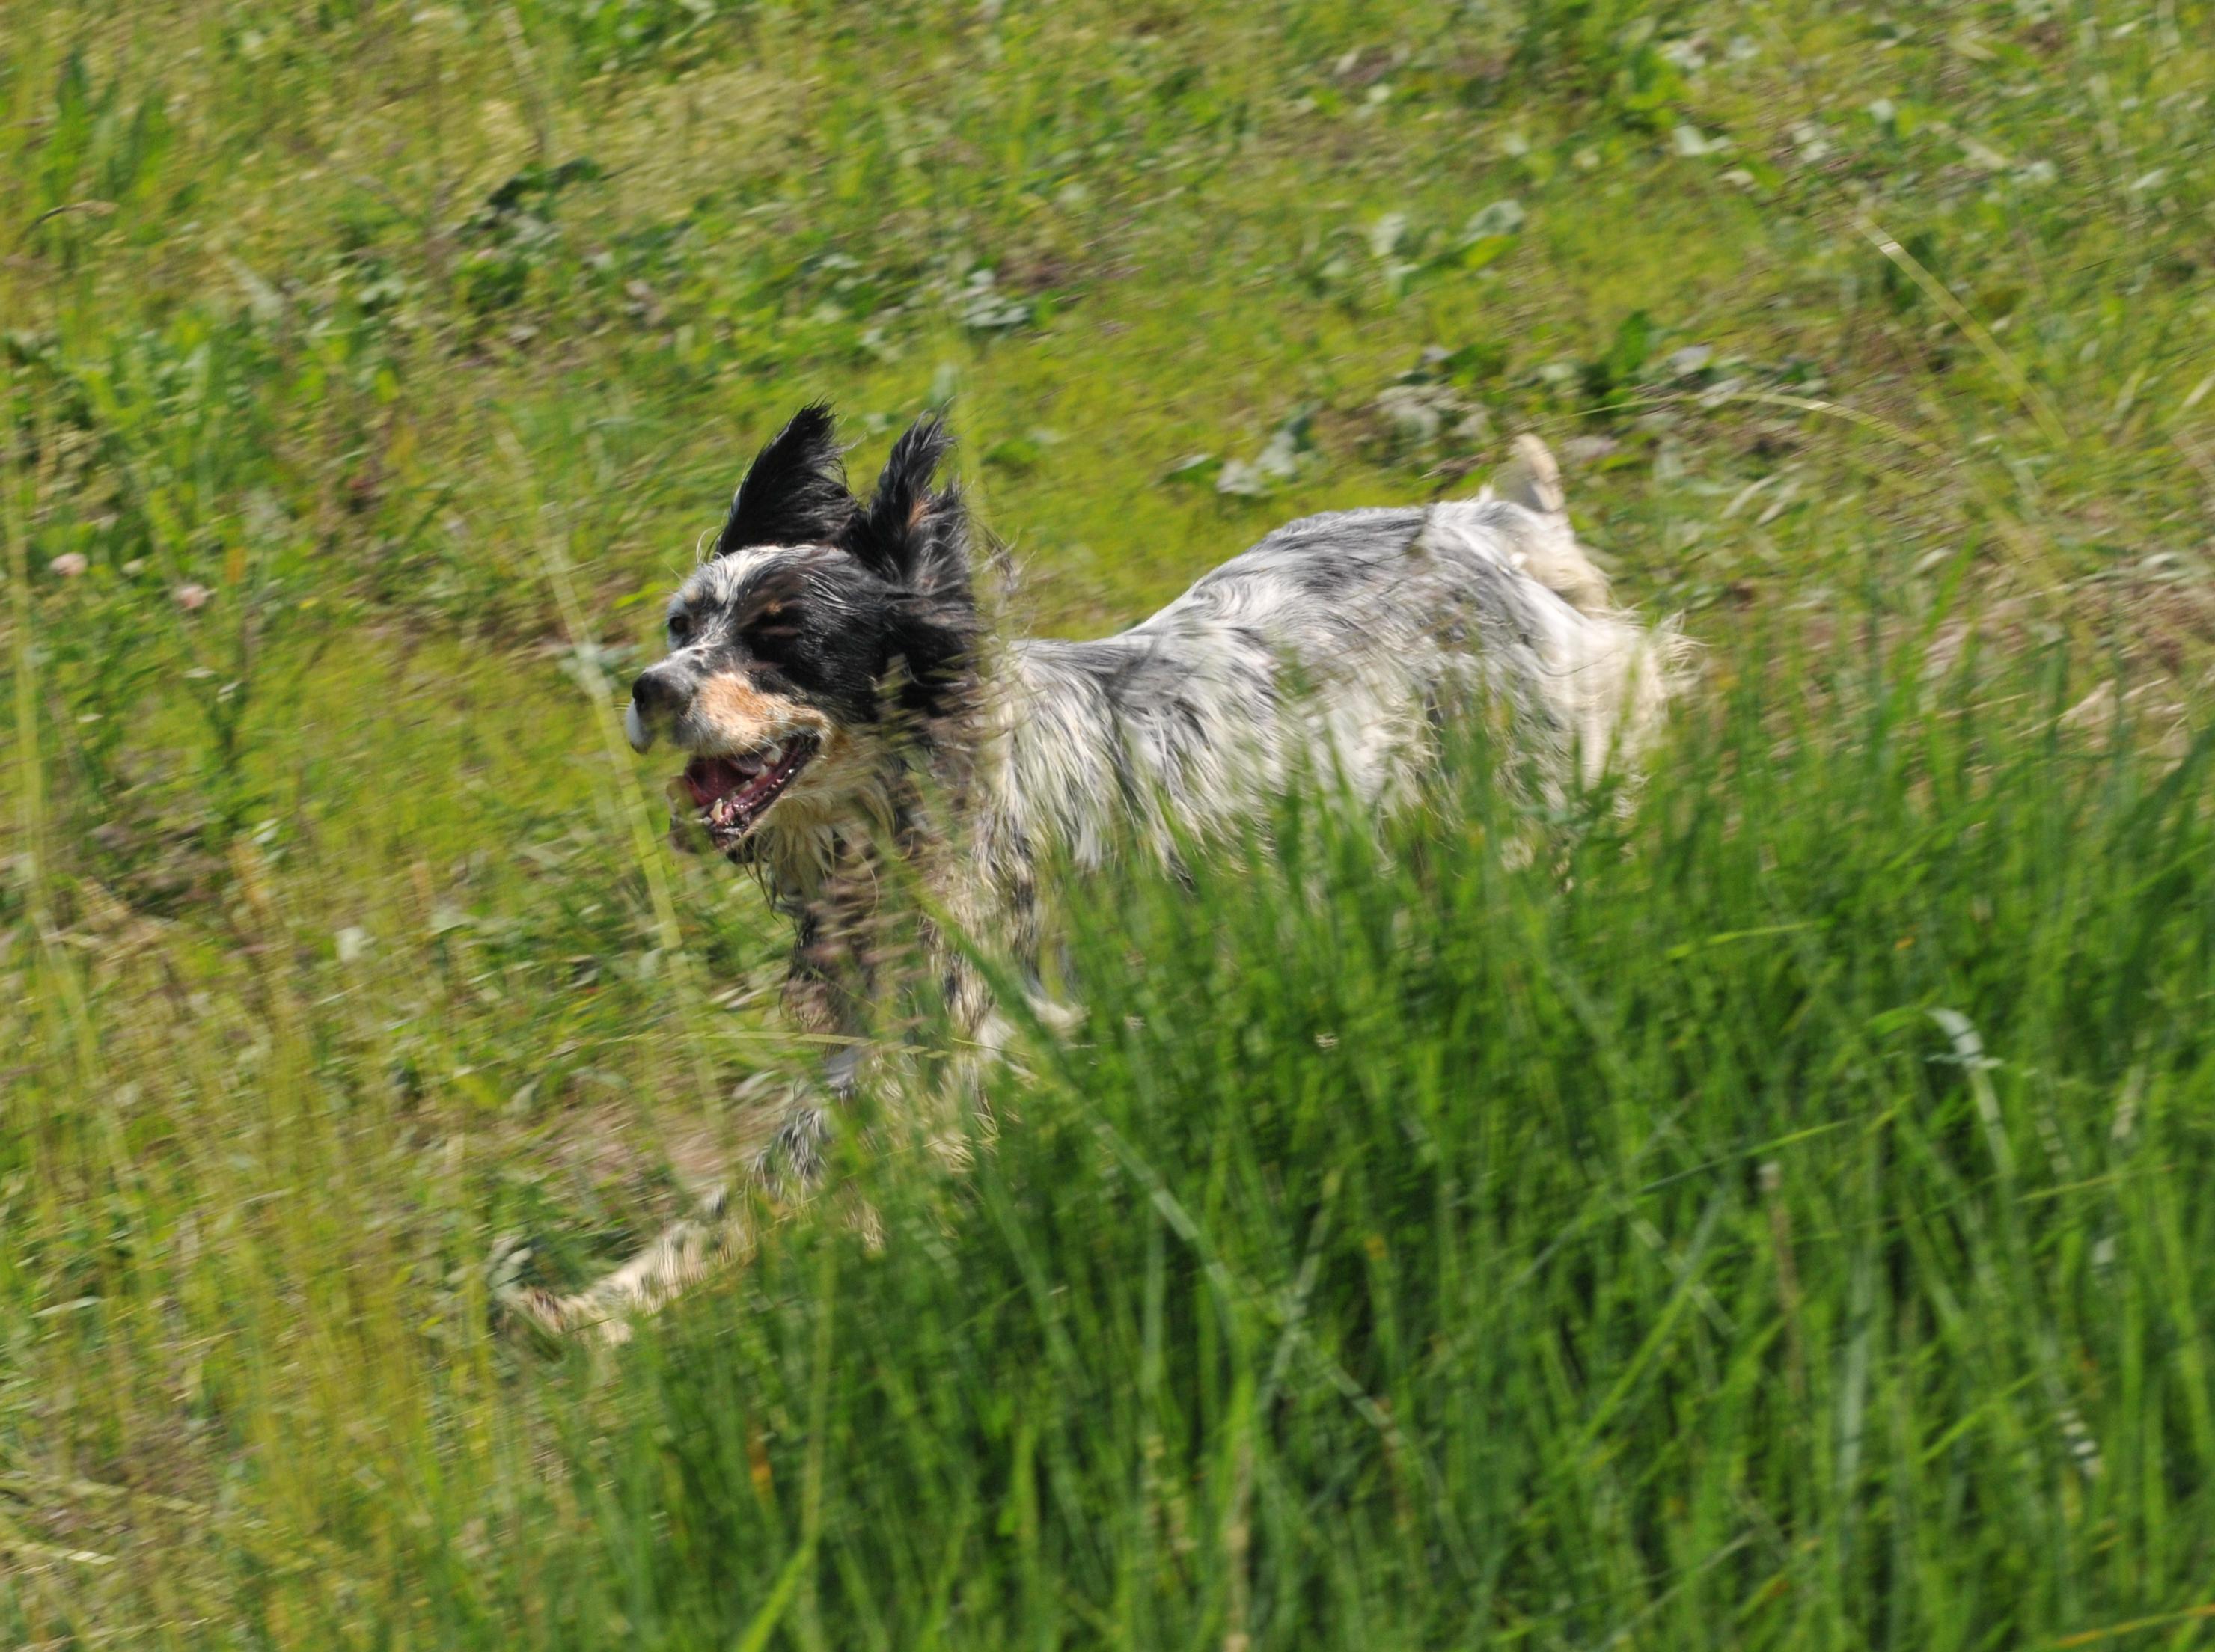 Addestramento cani controllo caccia di selezione